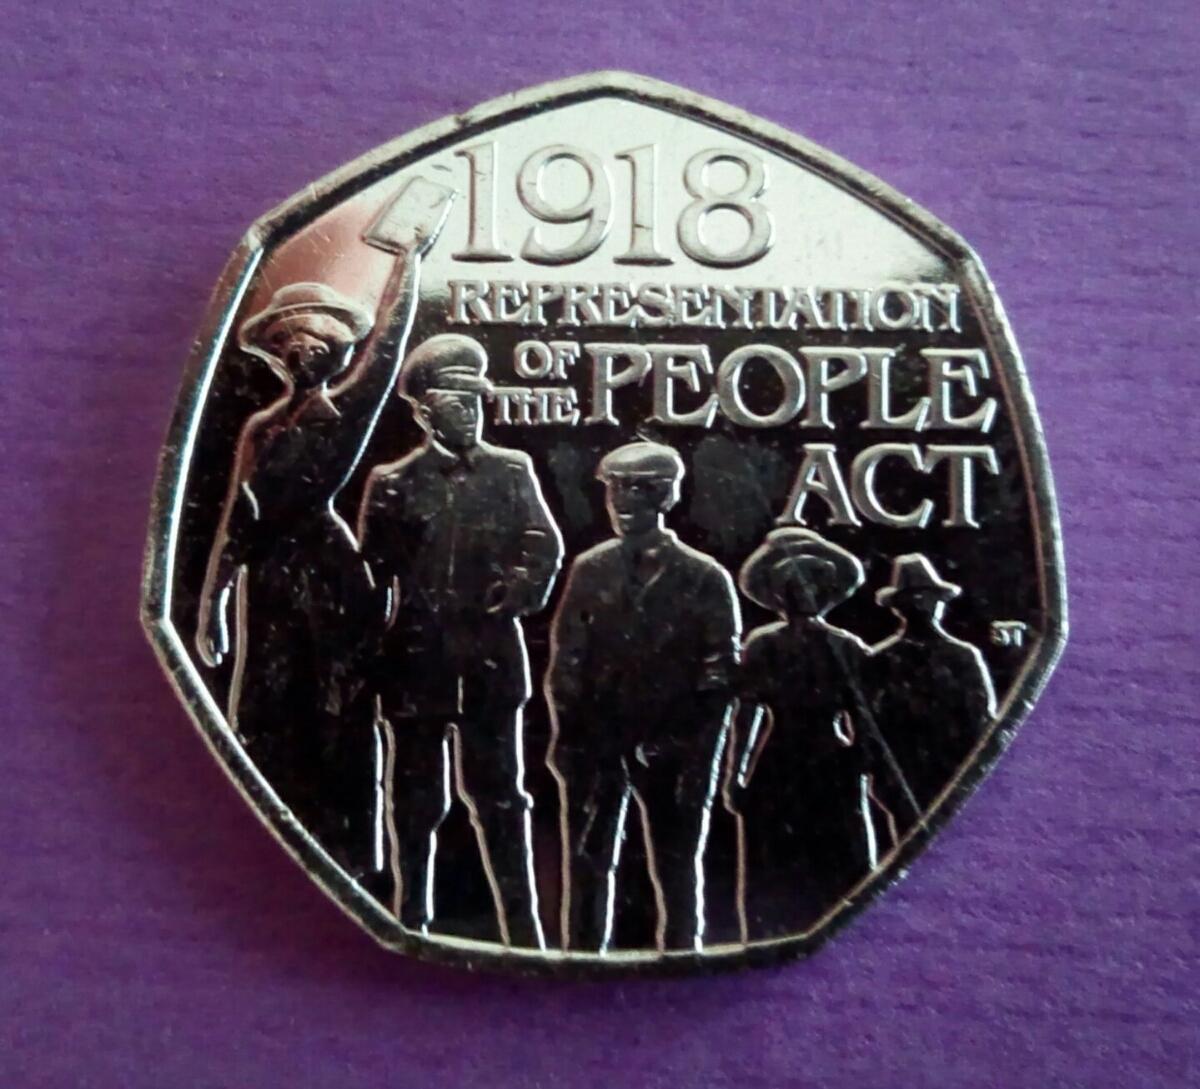 イギリス 英国 50ペンス コインRepresentation of the People Act 1918 デザイン8g 27mm2018年 エリザベス女王Thank you for looking!_画像1